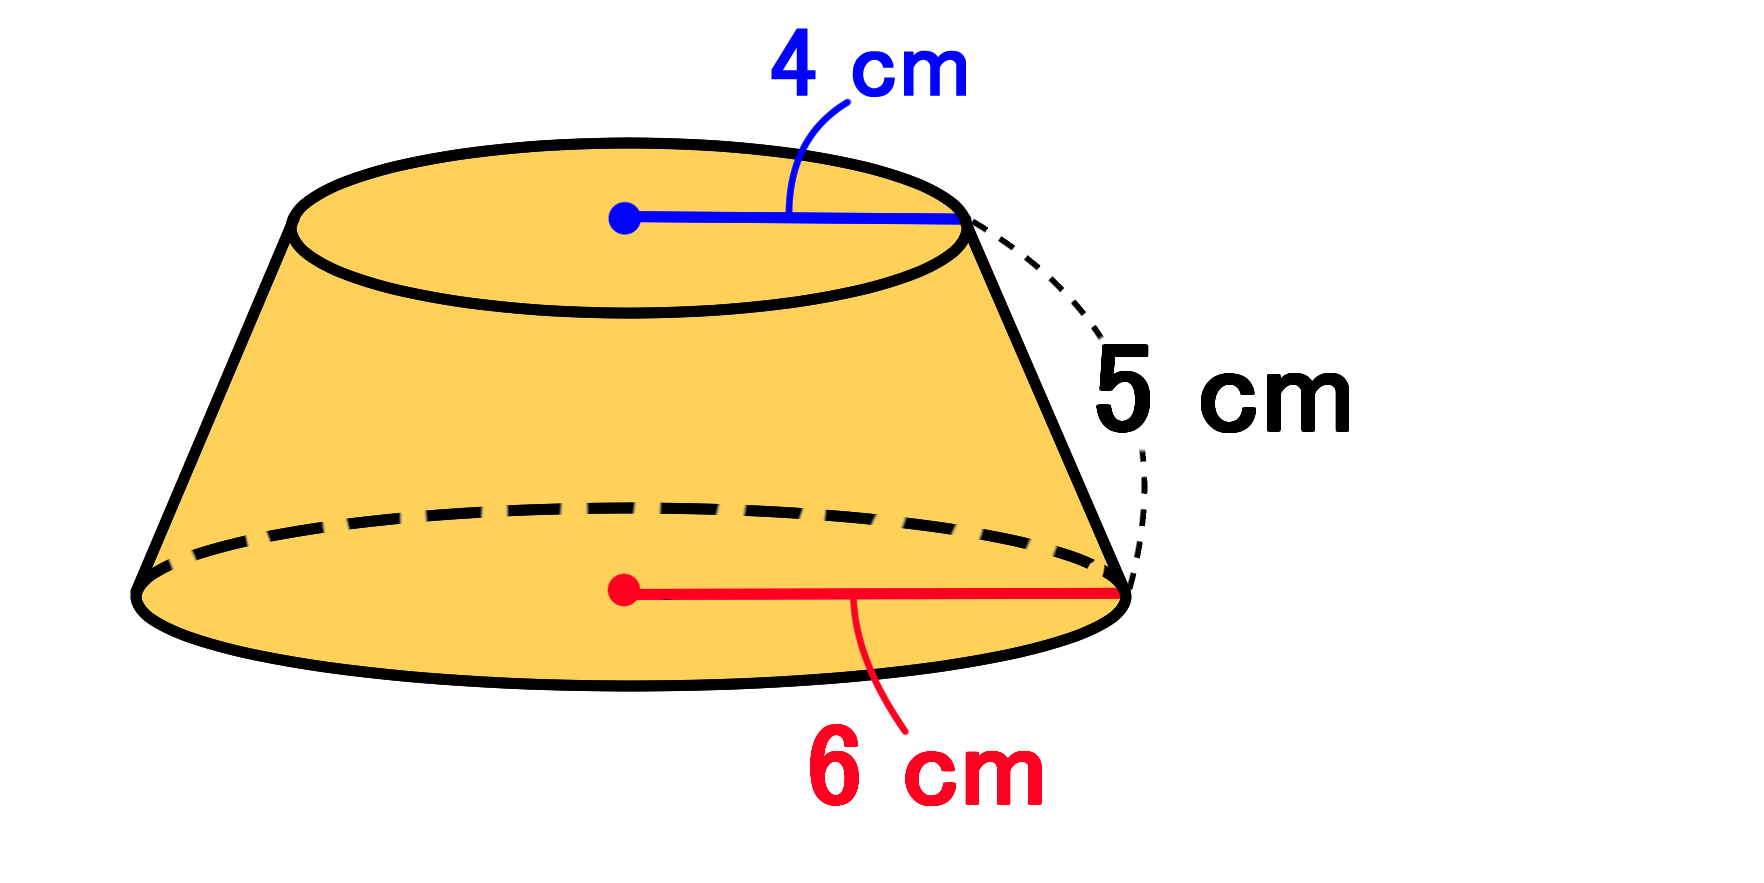 直方体 の 表面積 の 求め 方